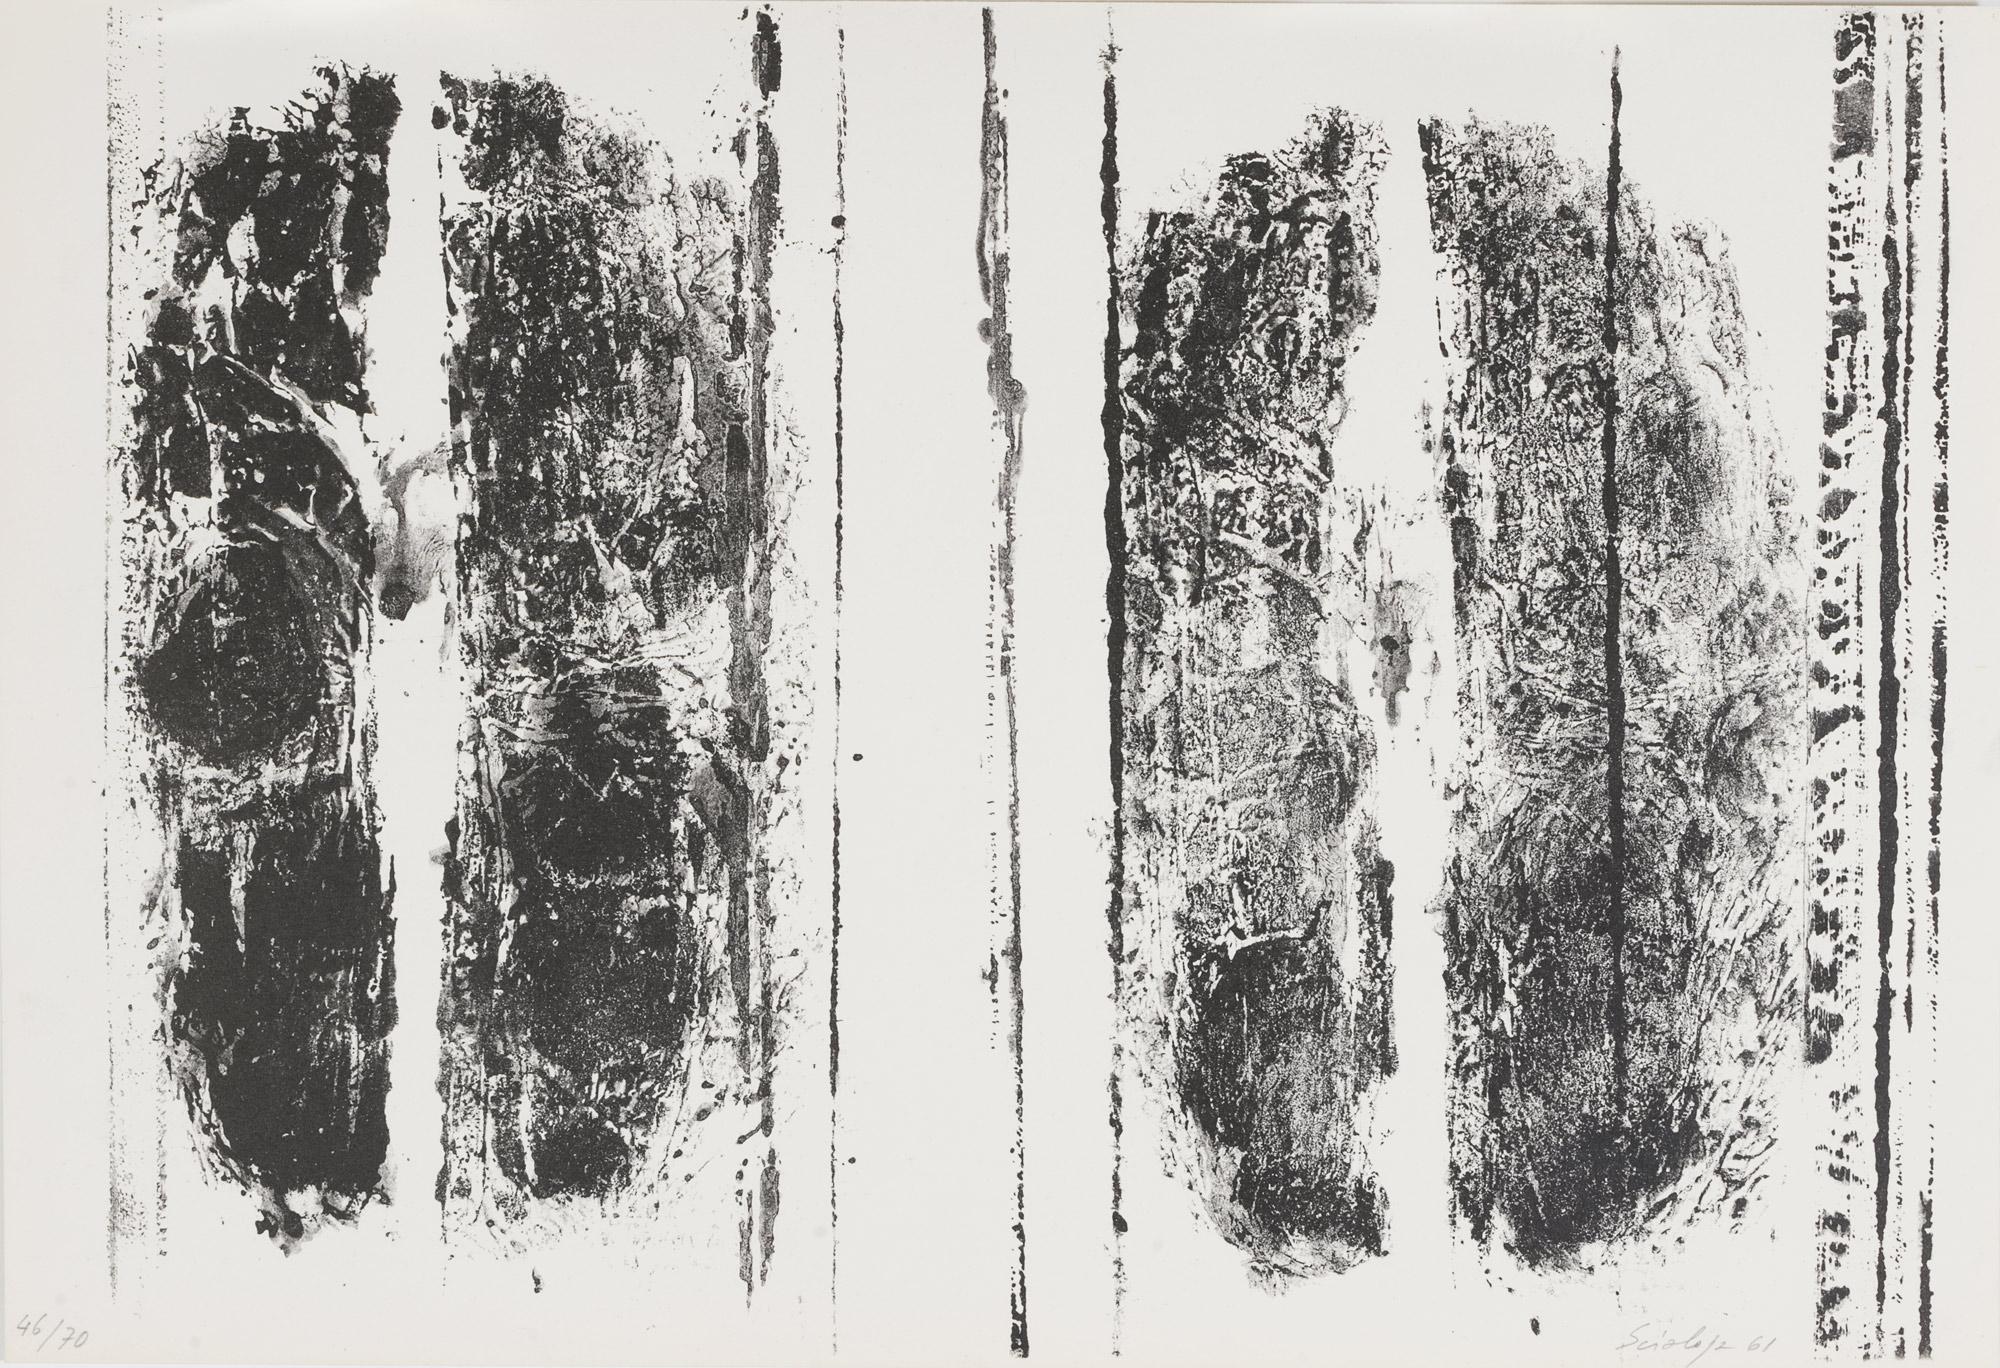 La Litografia, 1963